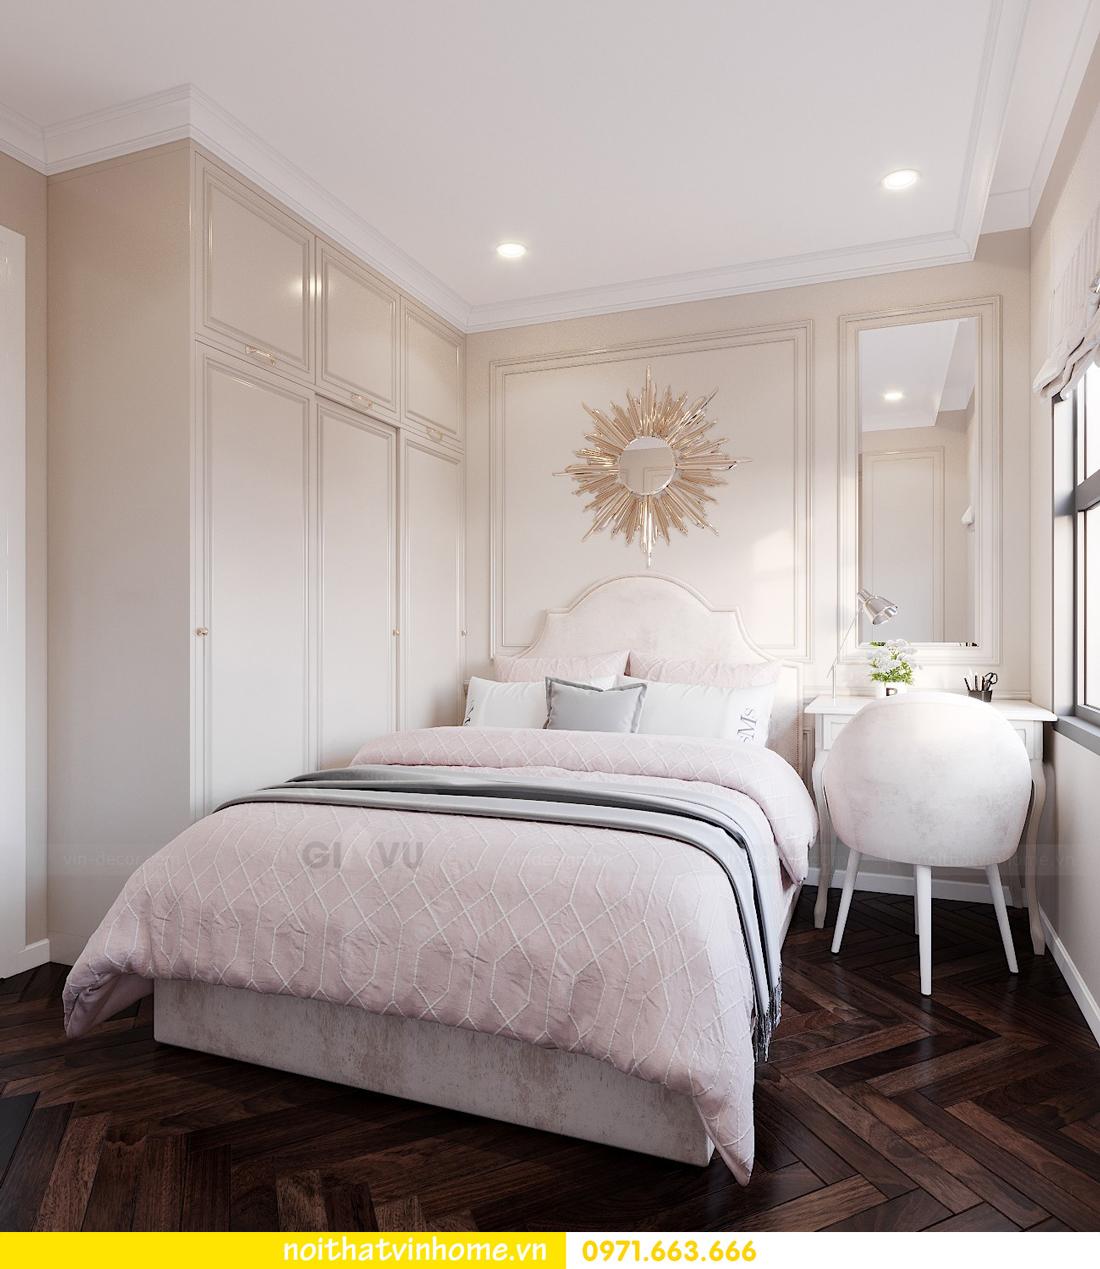 thiết kế nội thất chung cư DCapitale 3 phòng ngủ nhà chị Hằng 09